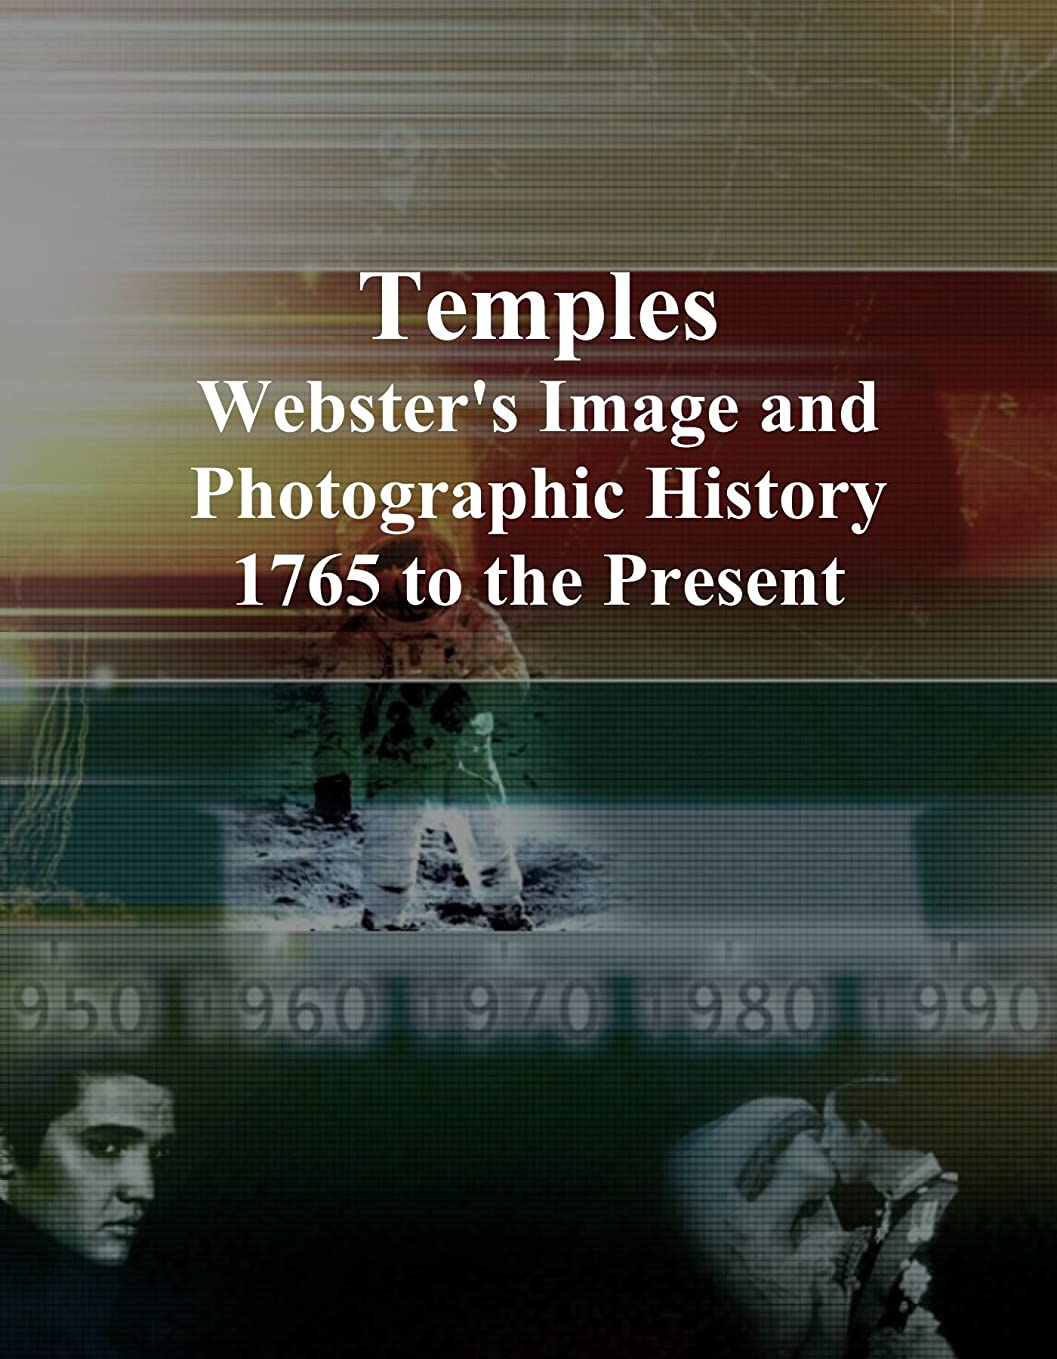 遠近法なので興奮Temples: Webster's Image and Photographic History, 1765 to the Present